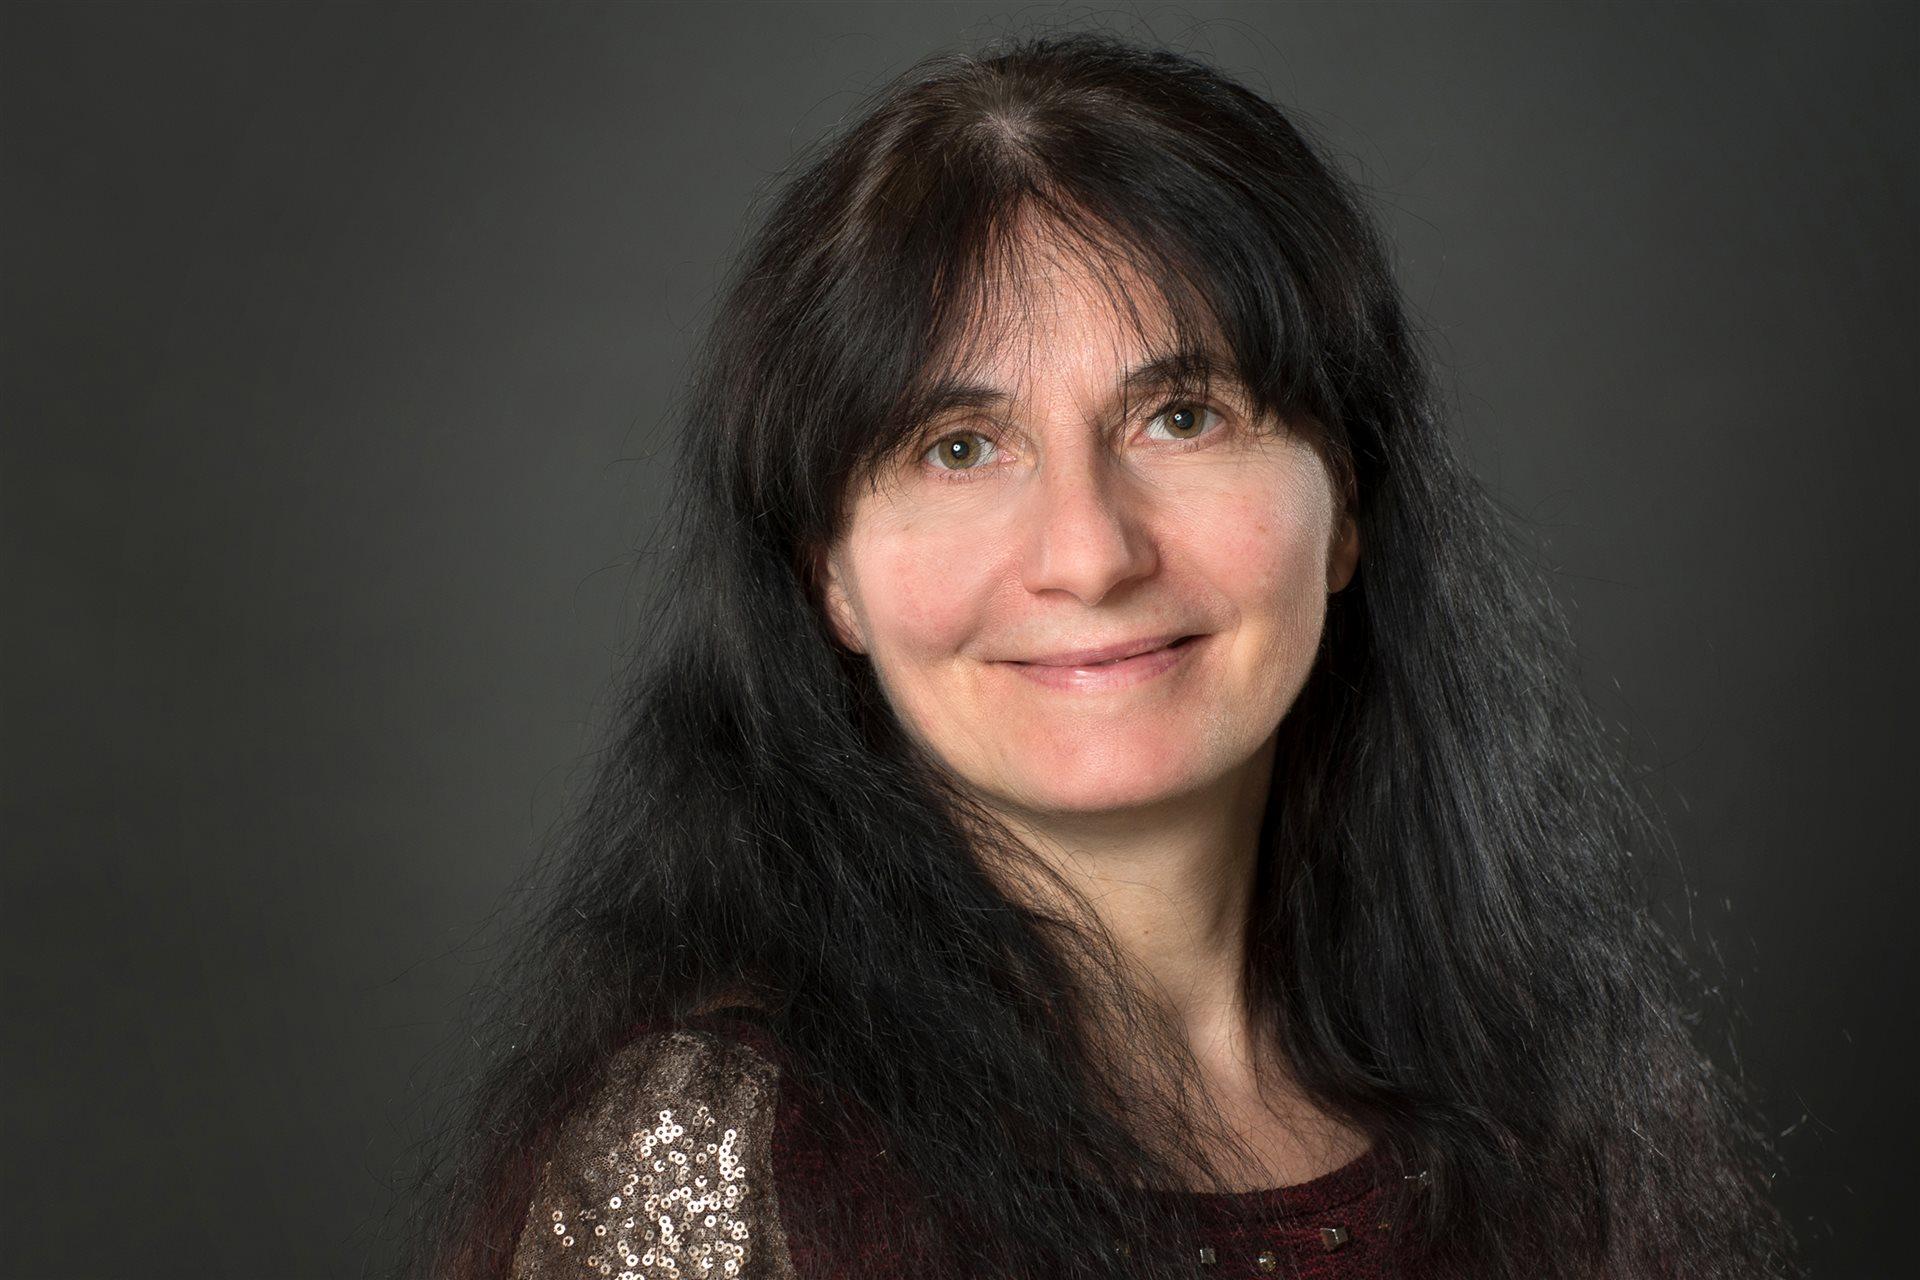 Andrea Jiménez Martínez